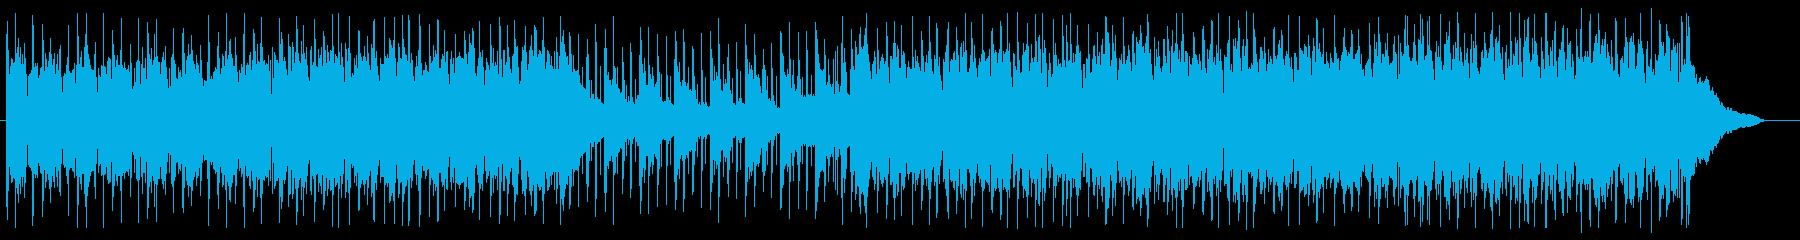 ワクワク 楽しい コミカル ギターポップの再生済みの波形